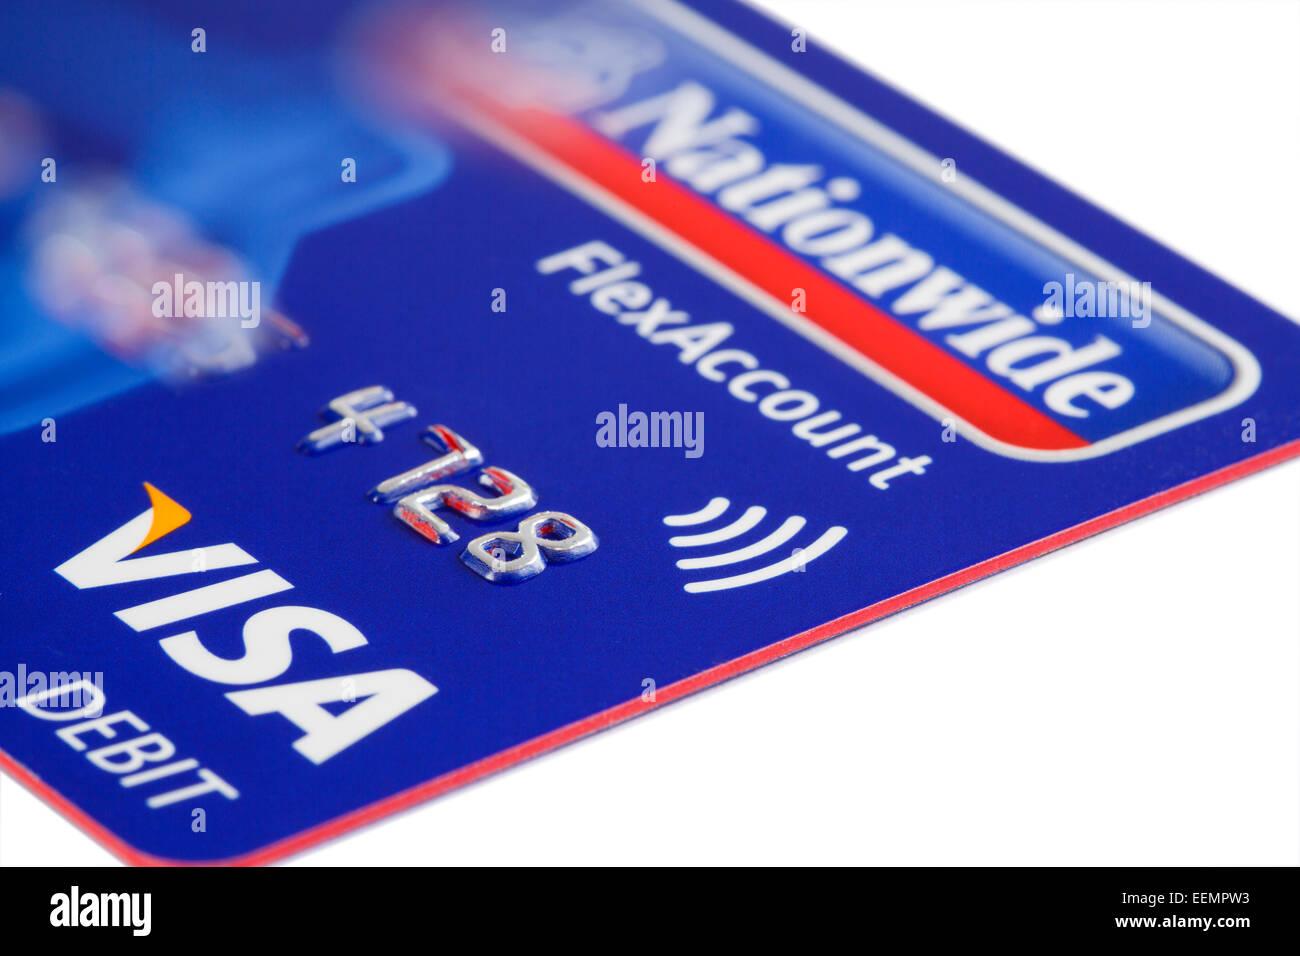 Carte Visa Angleterre.Question Royaume Uni Carte De Debit Visa Paywave En Utilisant La